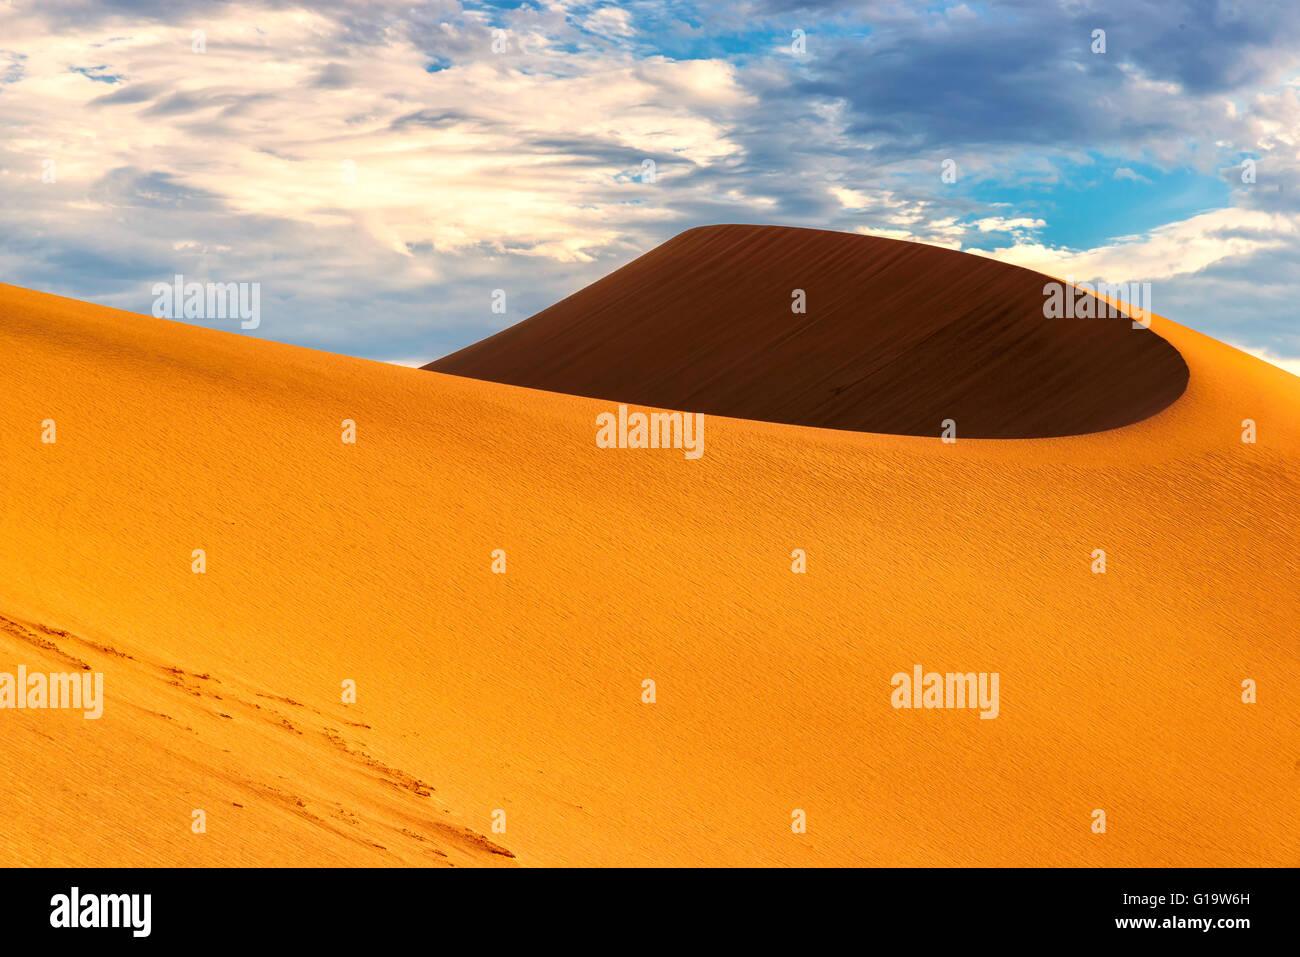 Sand dune at sunrise - Stock Image